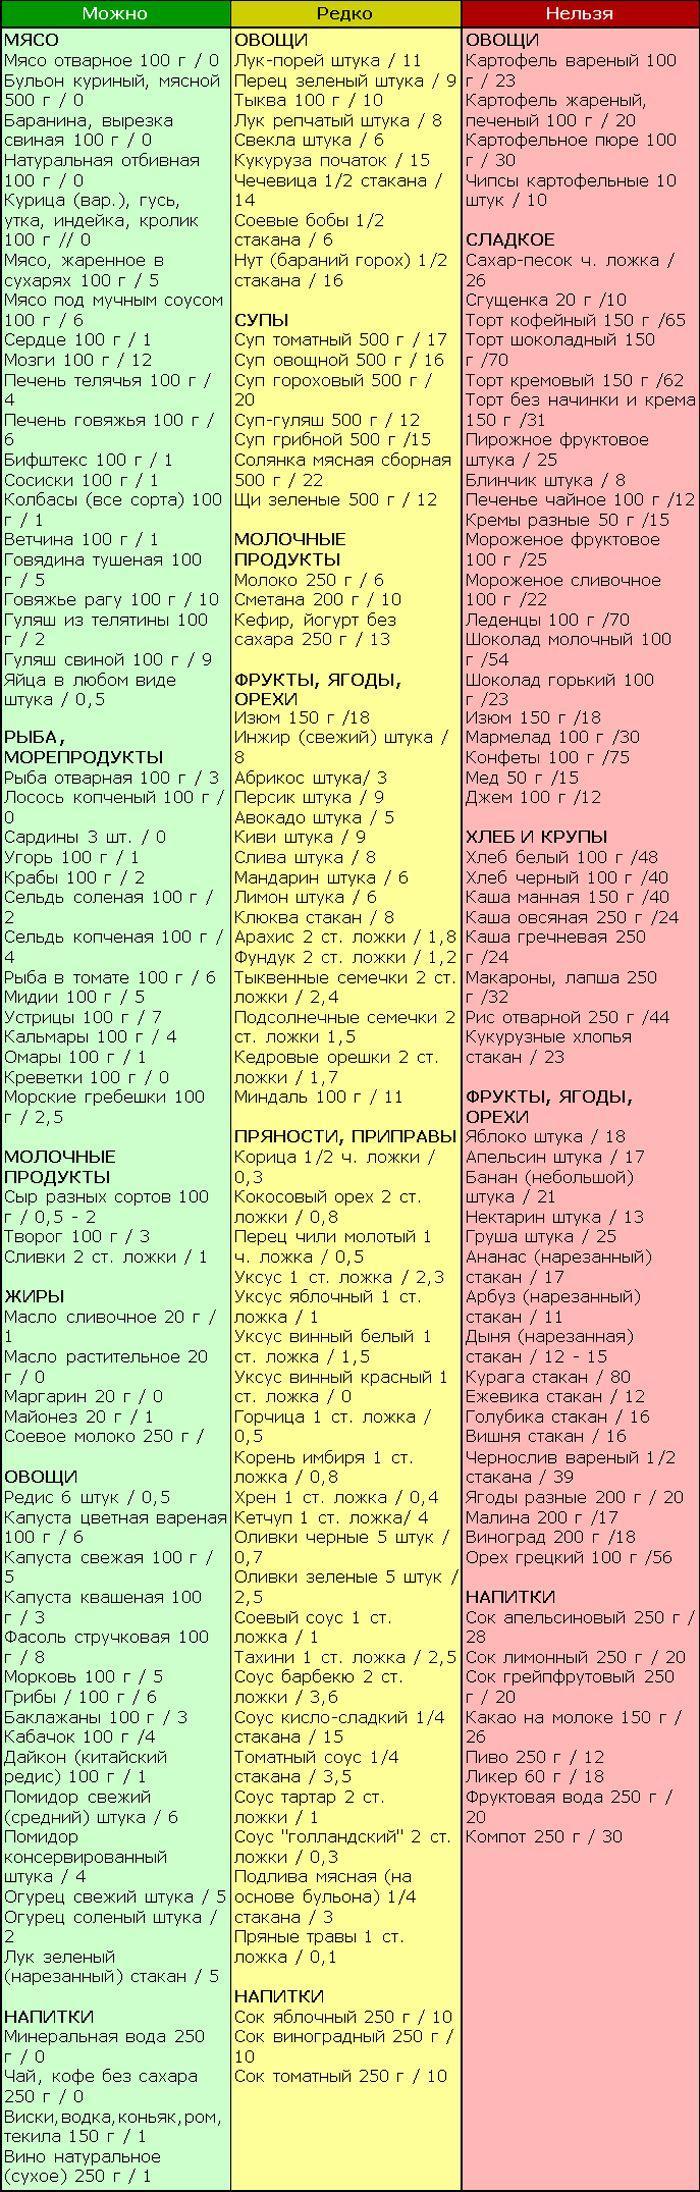 Продукты Разрешенные При Безуглеводной Диете. Безуглеводная диета: описание и меню на каждый день